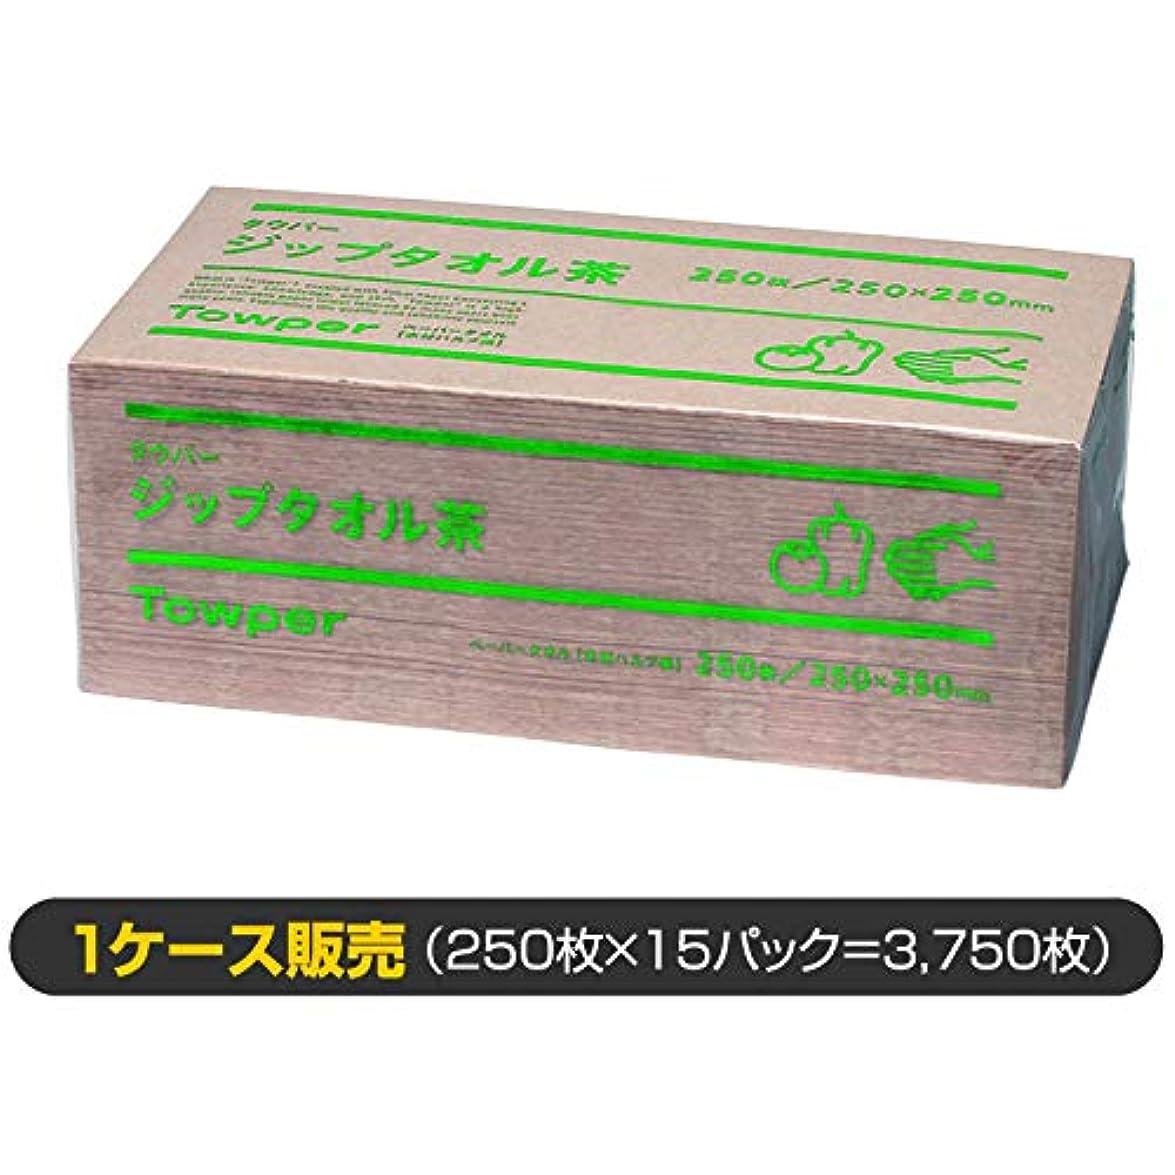 批判図大声でペーパータオル ジップタオル(茶) /1ケース販売(清潔キレイ館/大判サイズ用)